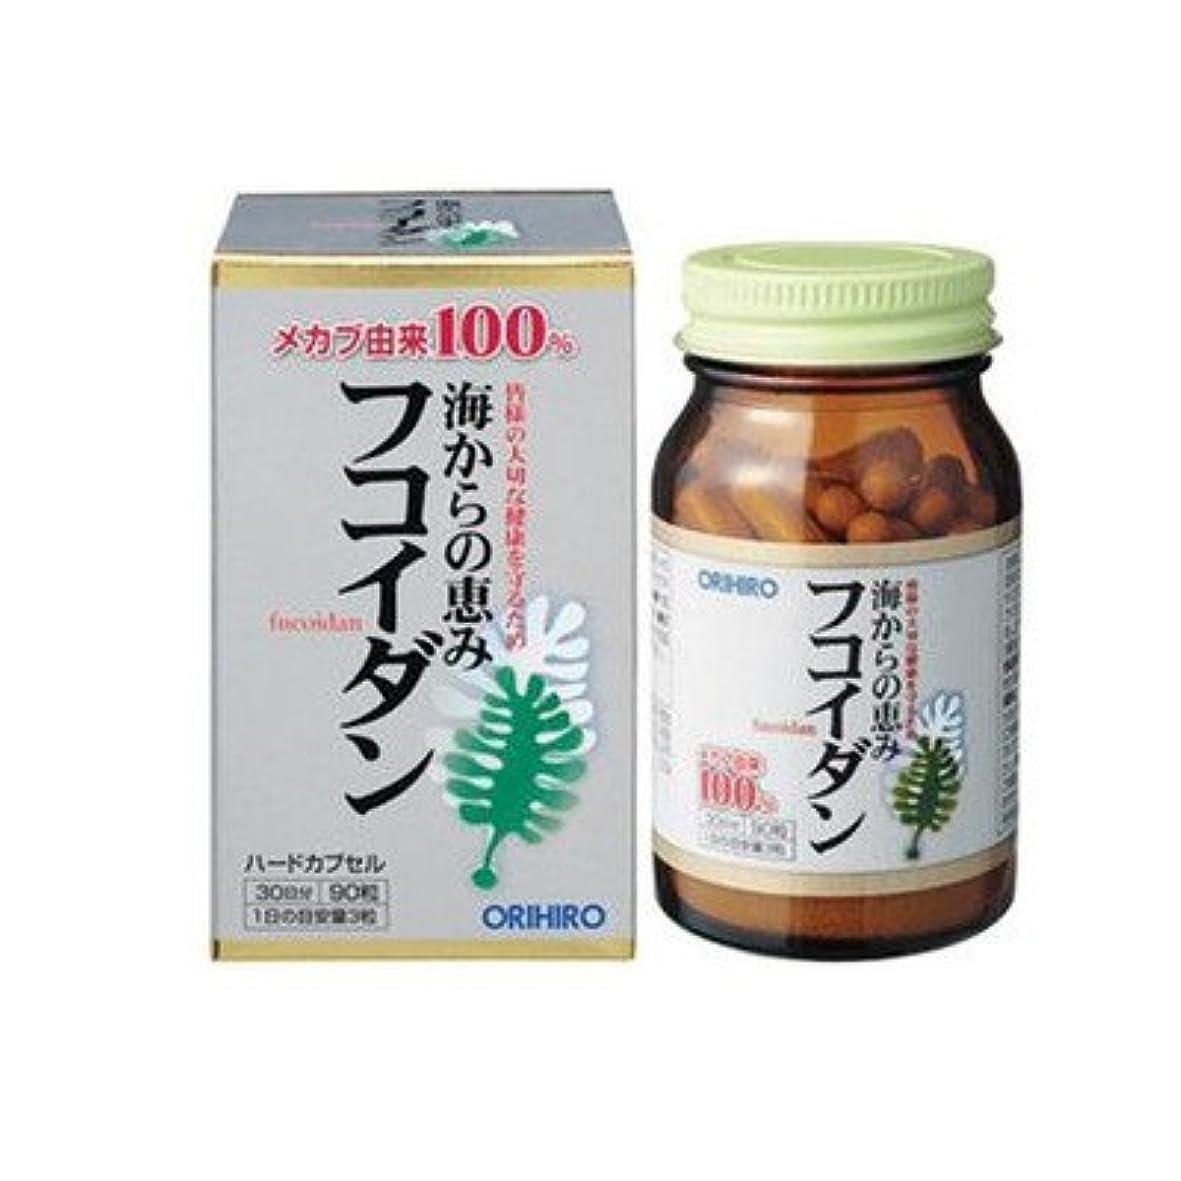 レタスほこりっぽいけん引60209192 オリヒロ フコイダン 90粒 毎日のお食事にプラスして健康生活をサポート